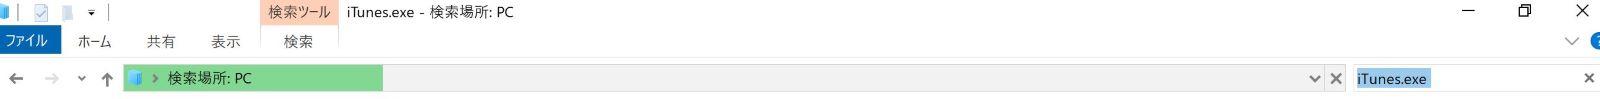 ❹見つからないので直接「PC」内の「iTunes.exe」を検索するPC